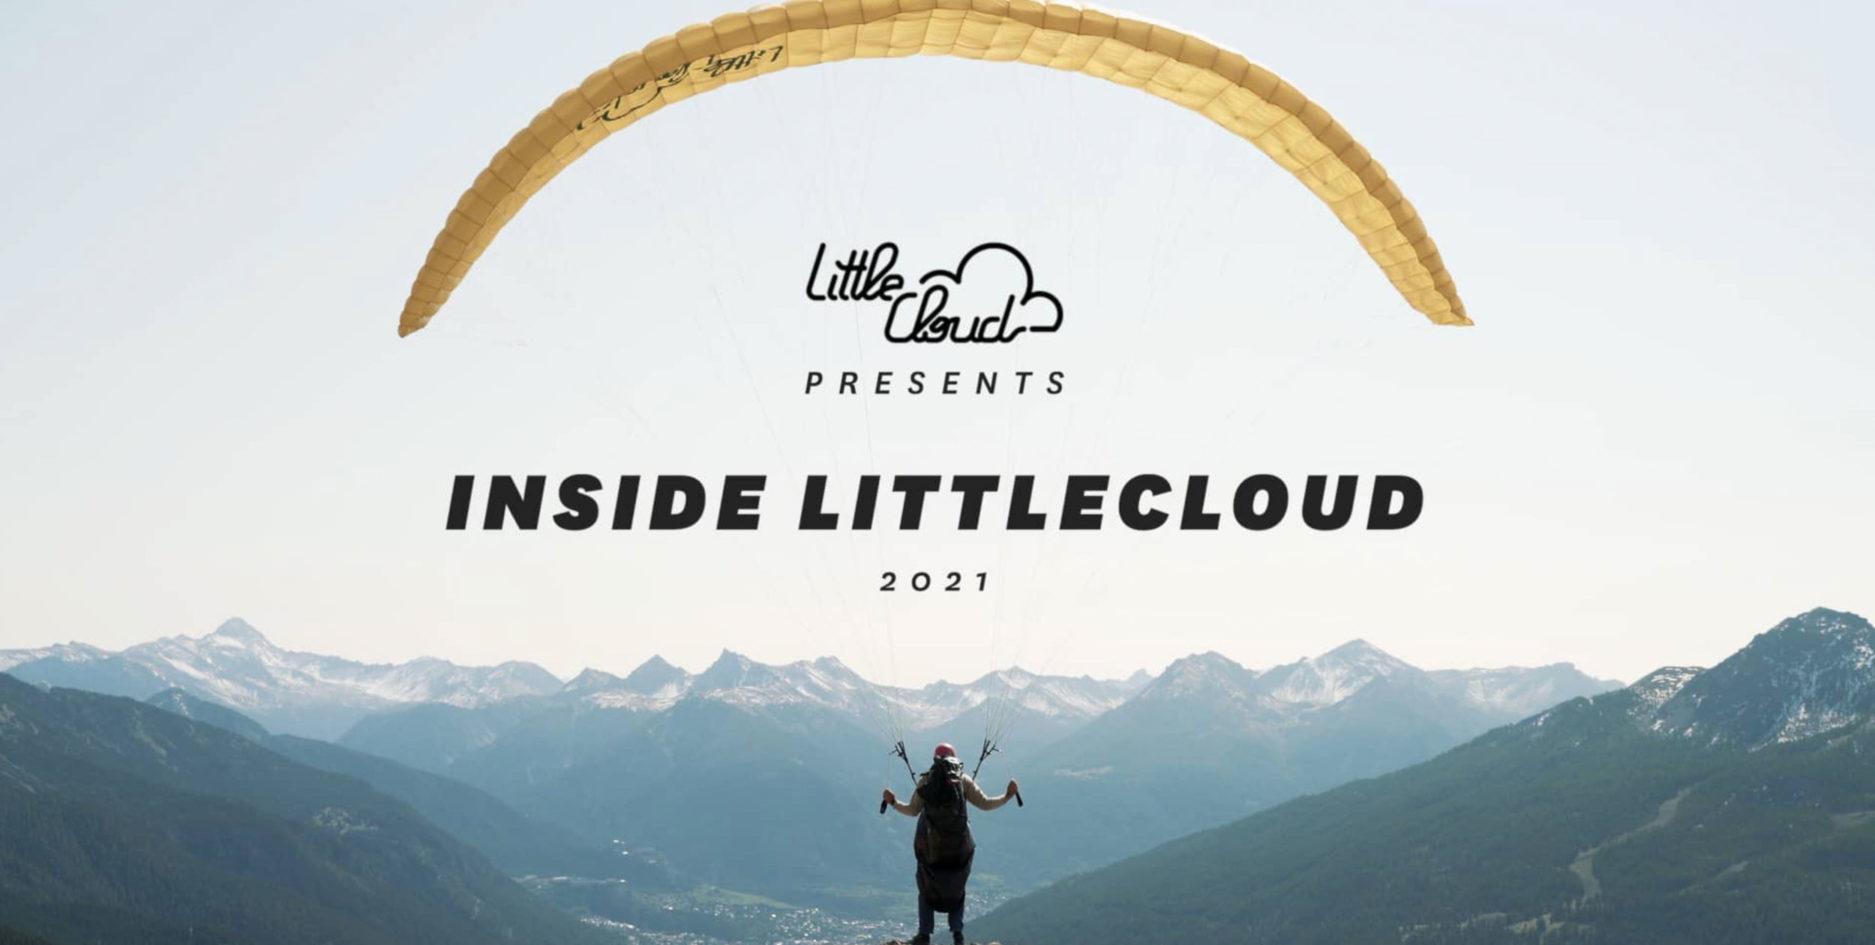 Inside Little Cloud video